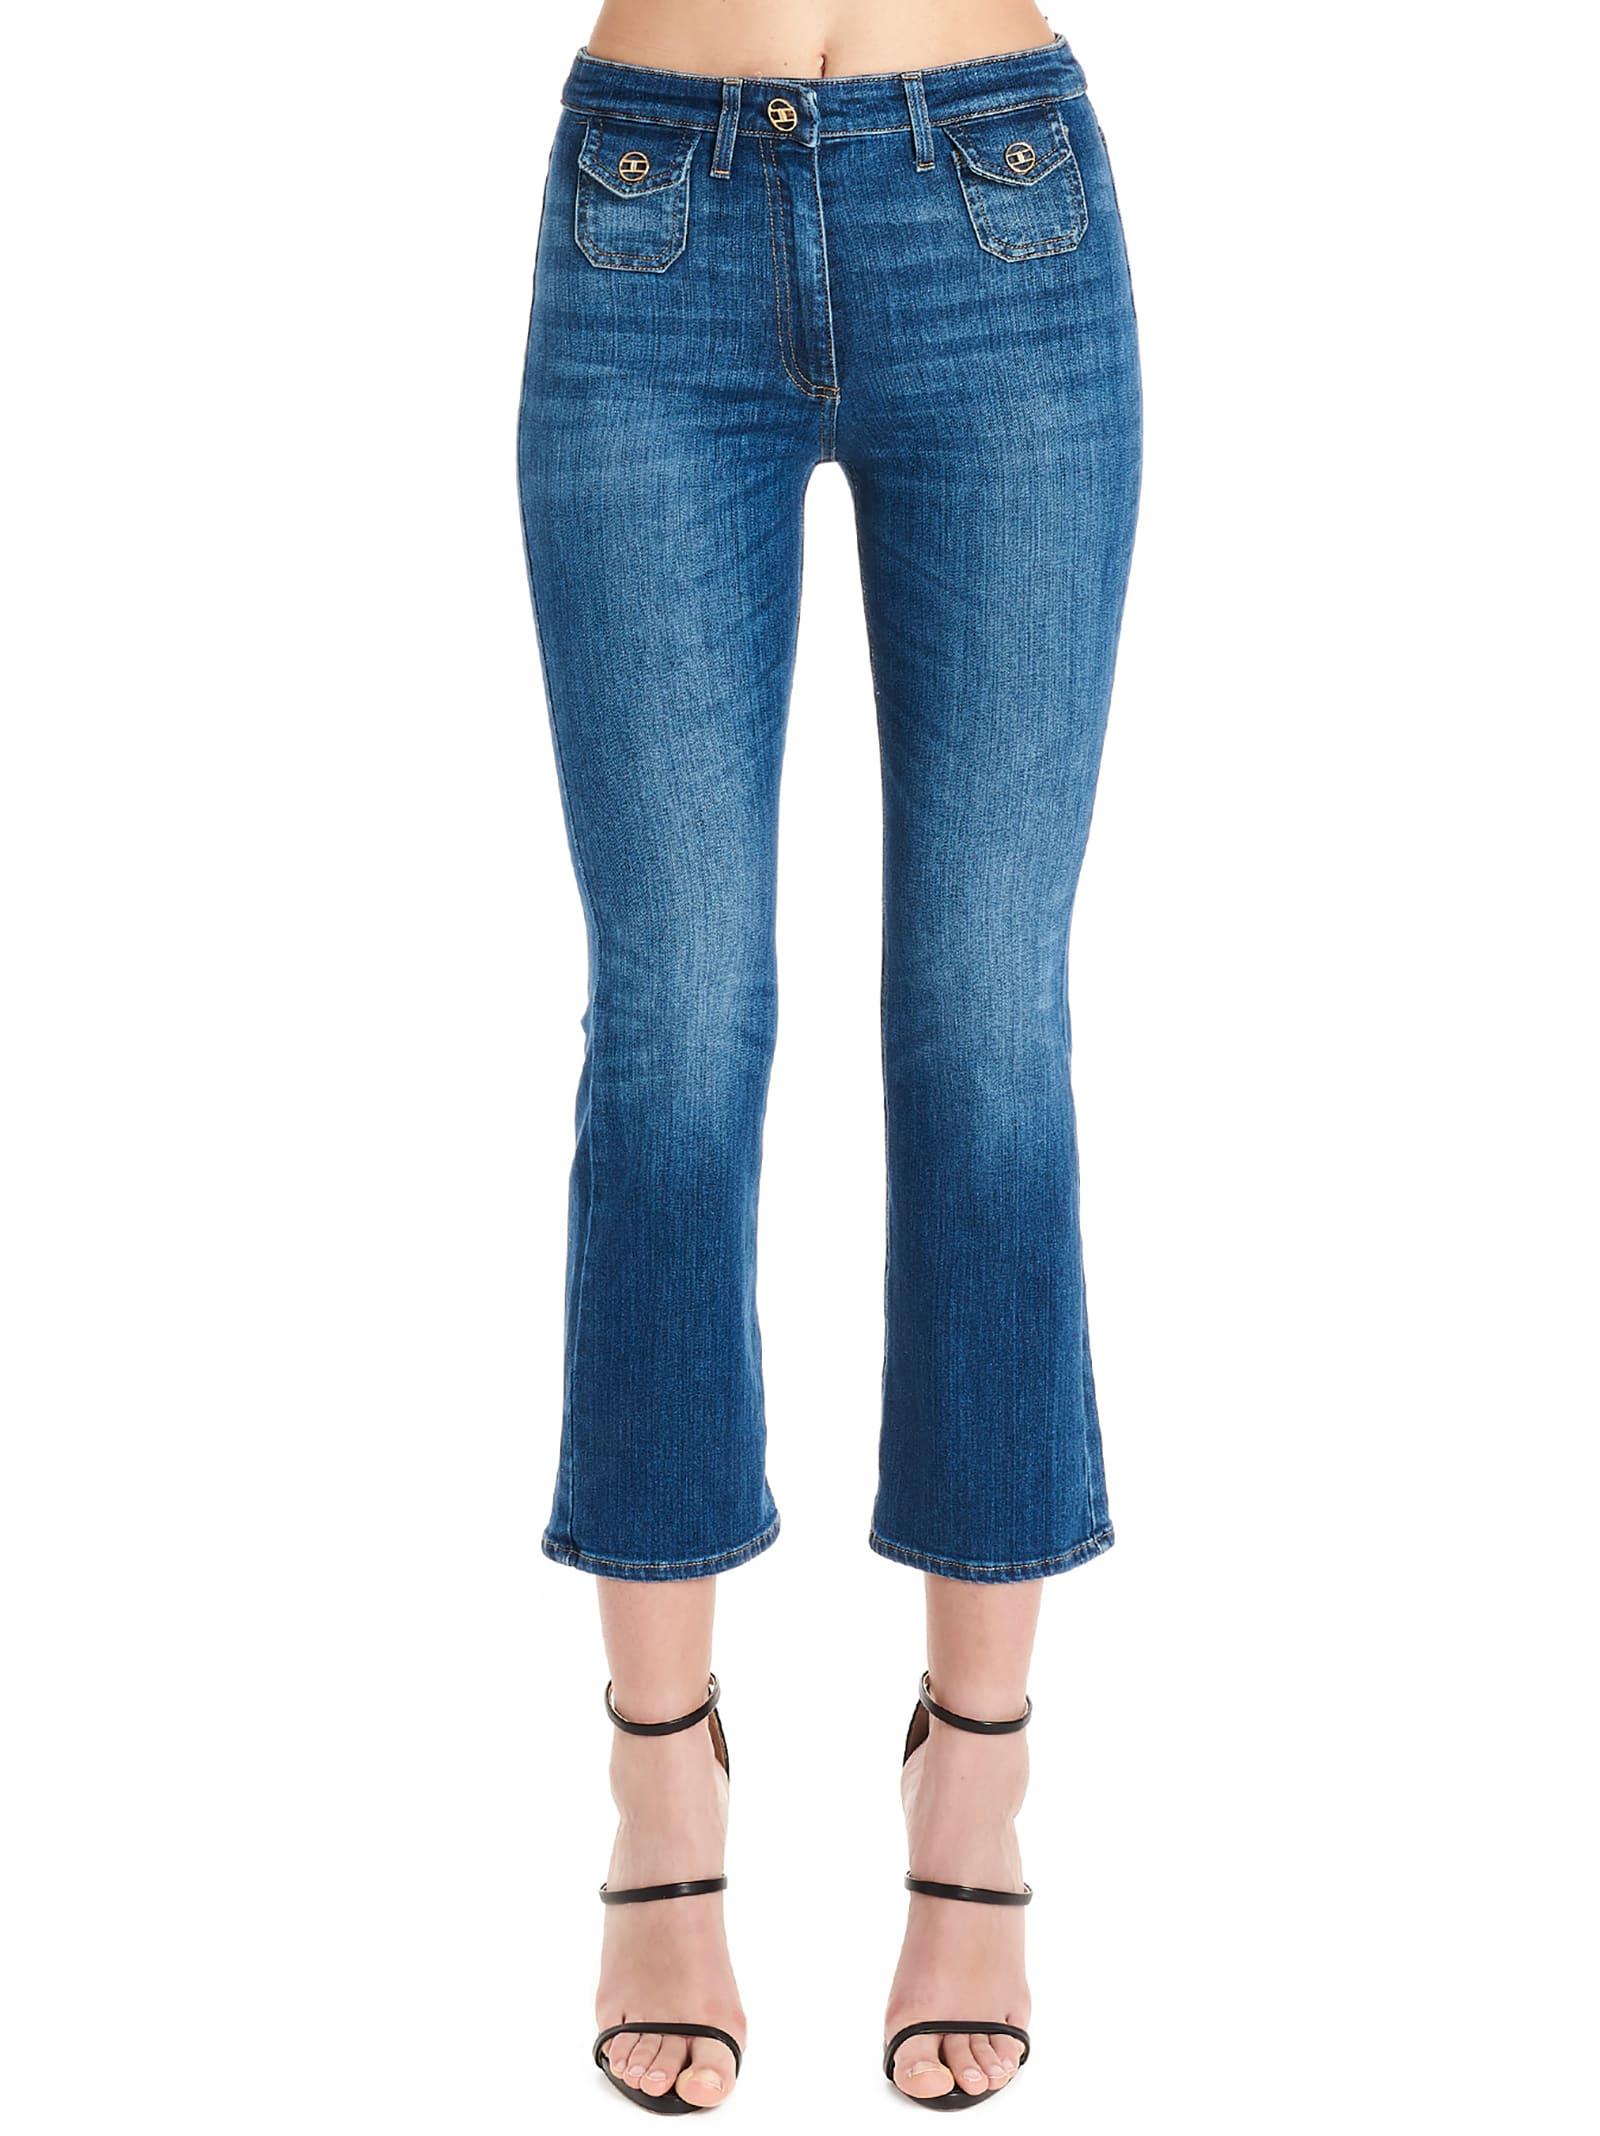 new styles 734ef a1a06 Elisabetta Franchi Celyn B. 'blue Vintage' Jeans